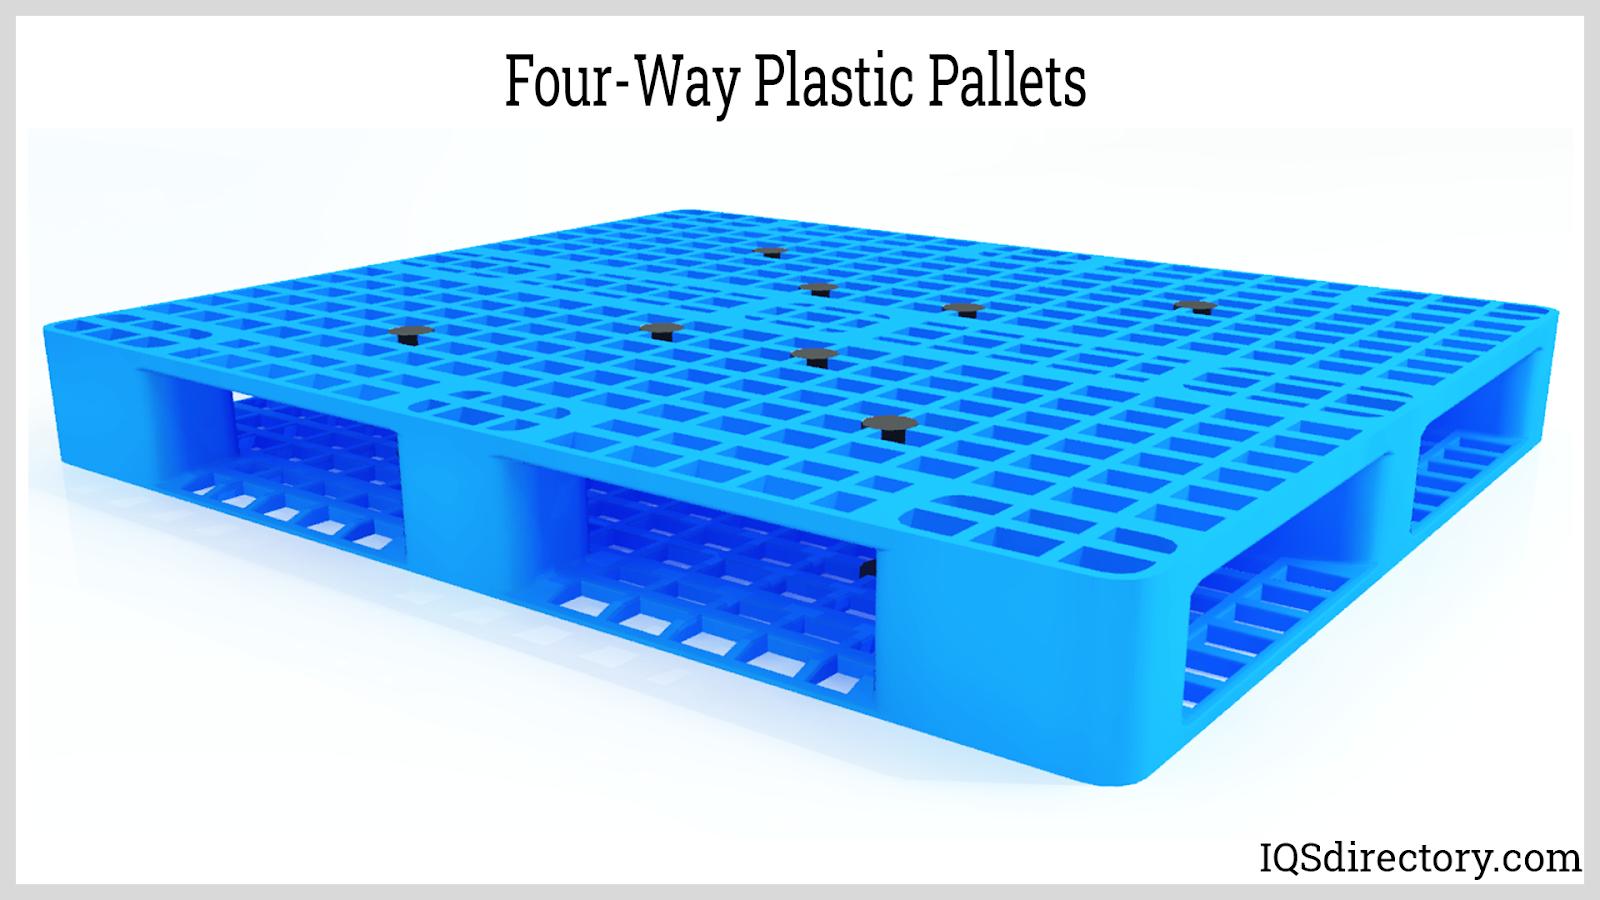 Four-Way Plastic Pallets